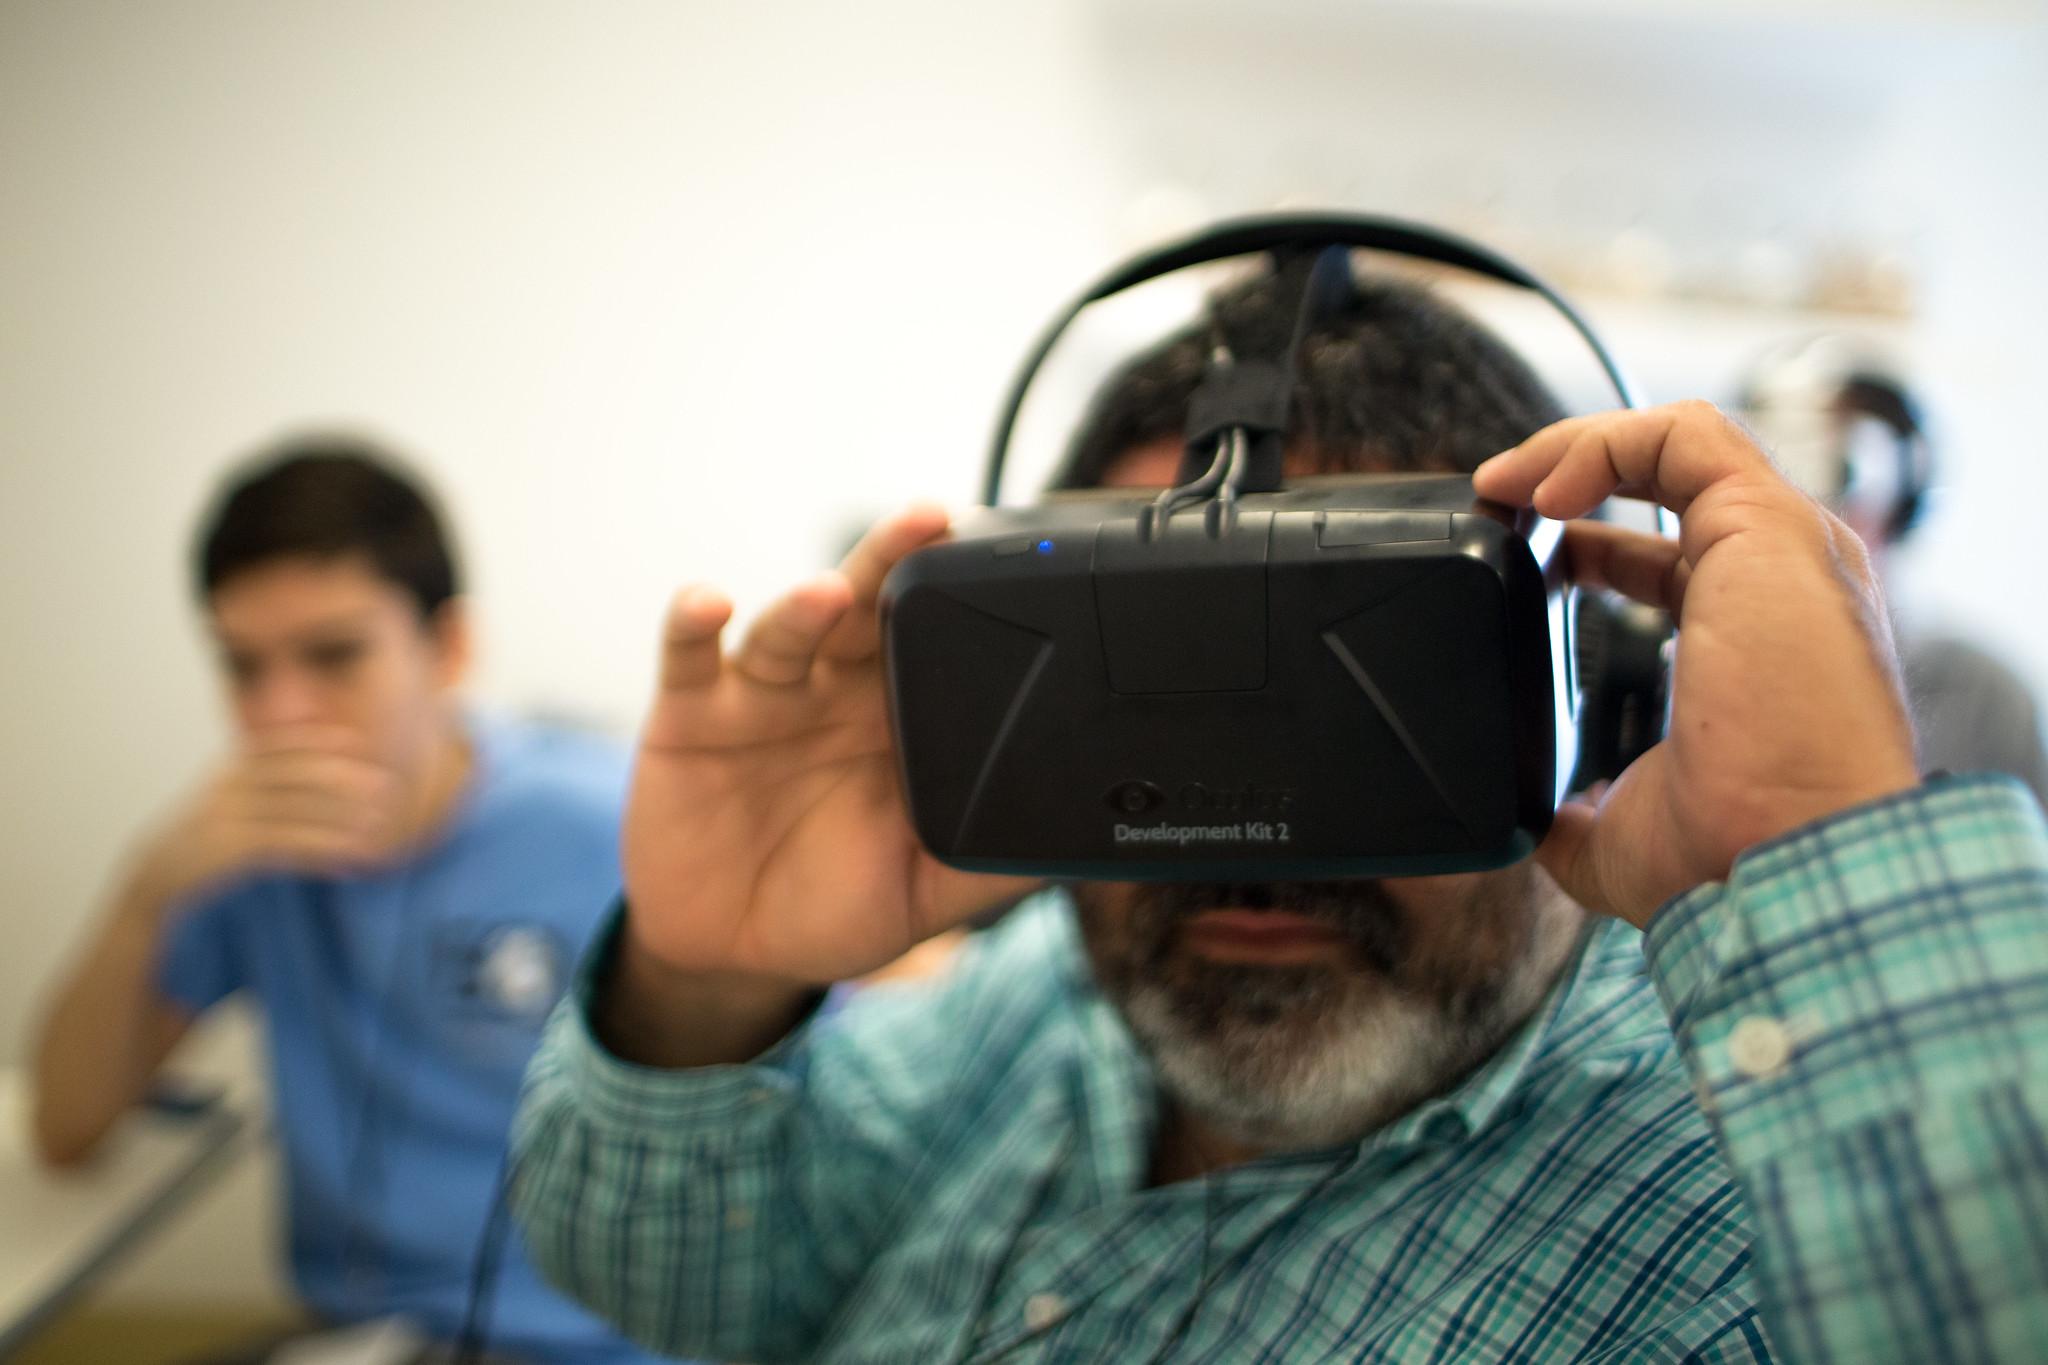 Виртуальная реальность остаётся многообещающей технологией.